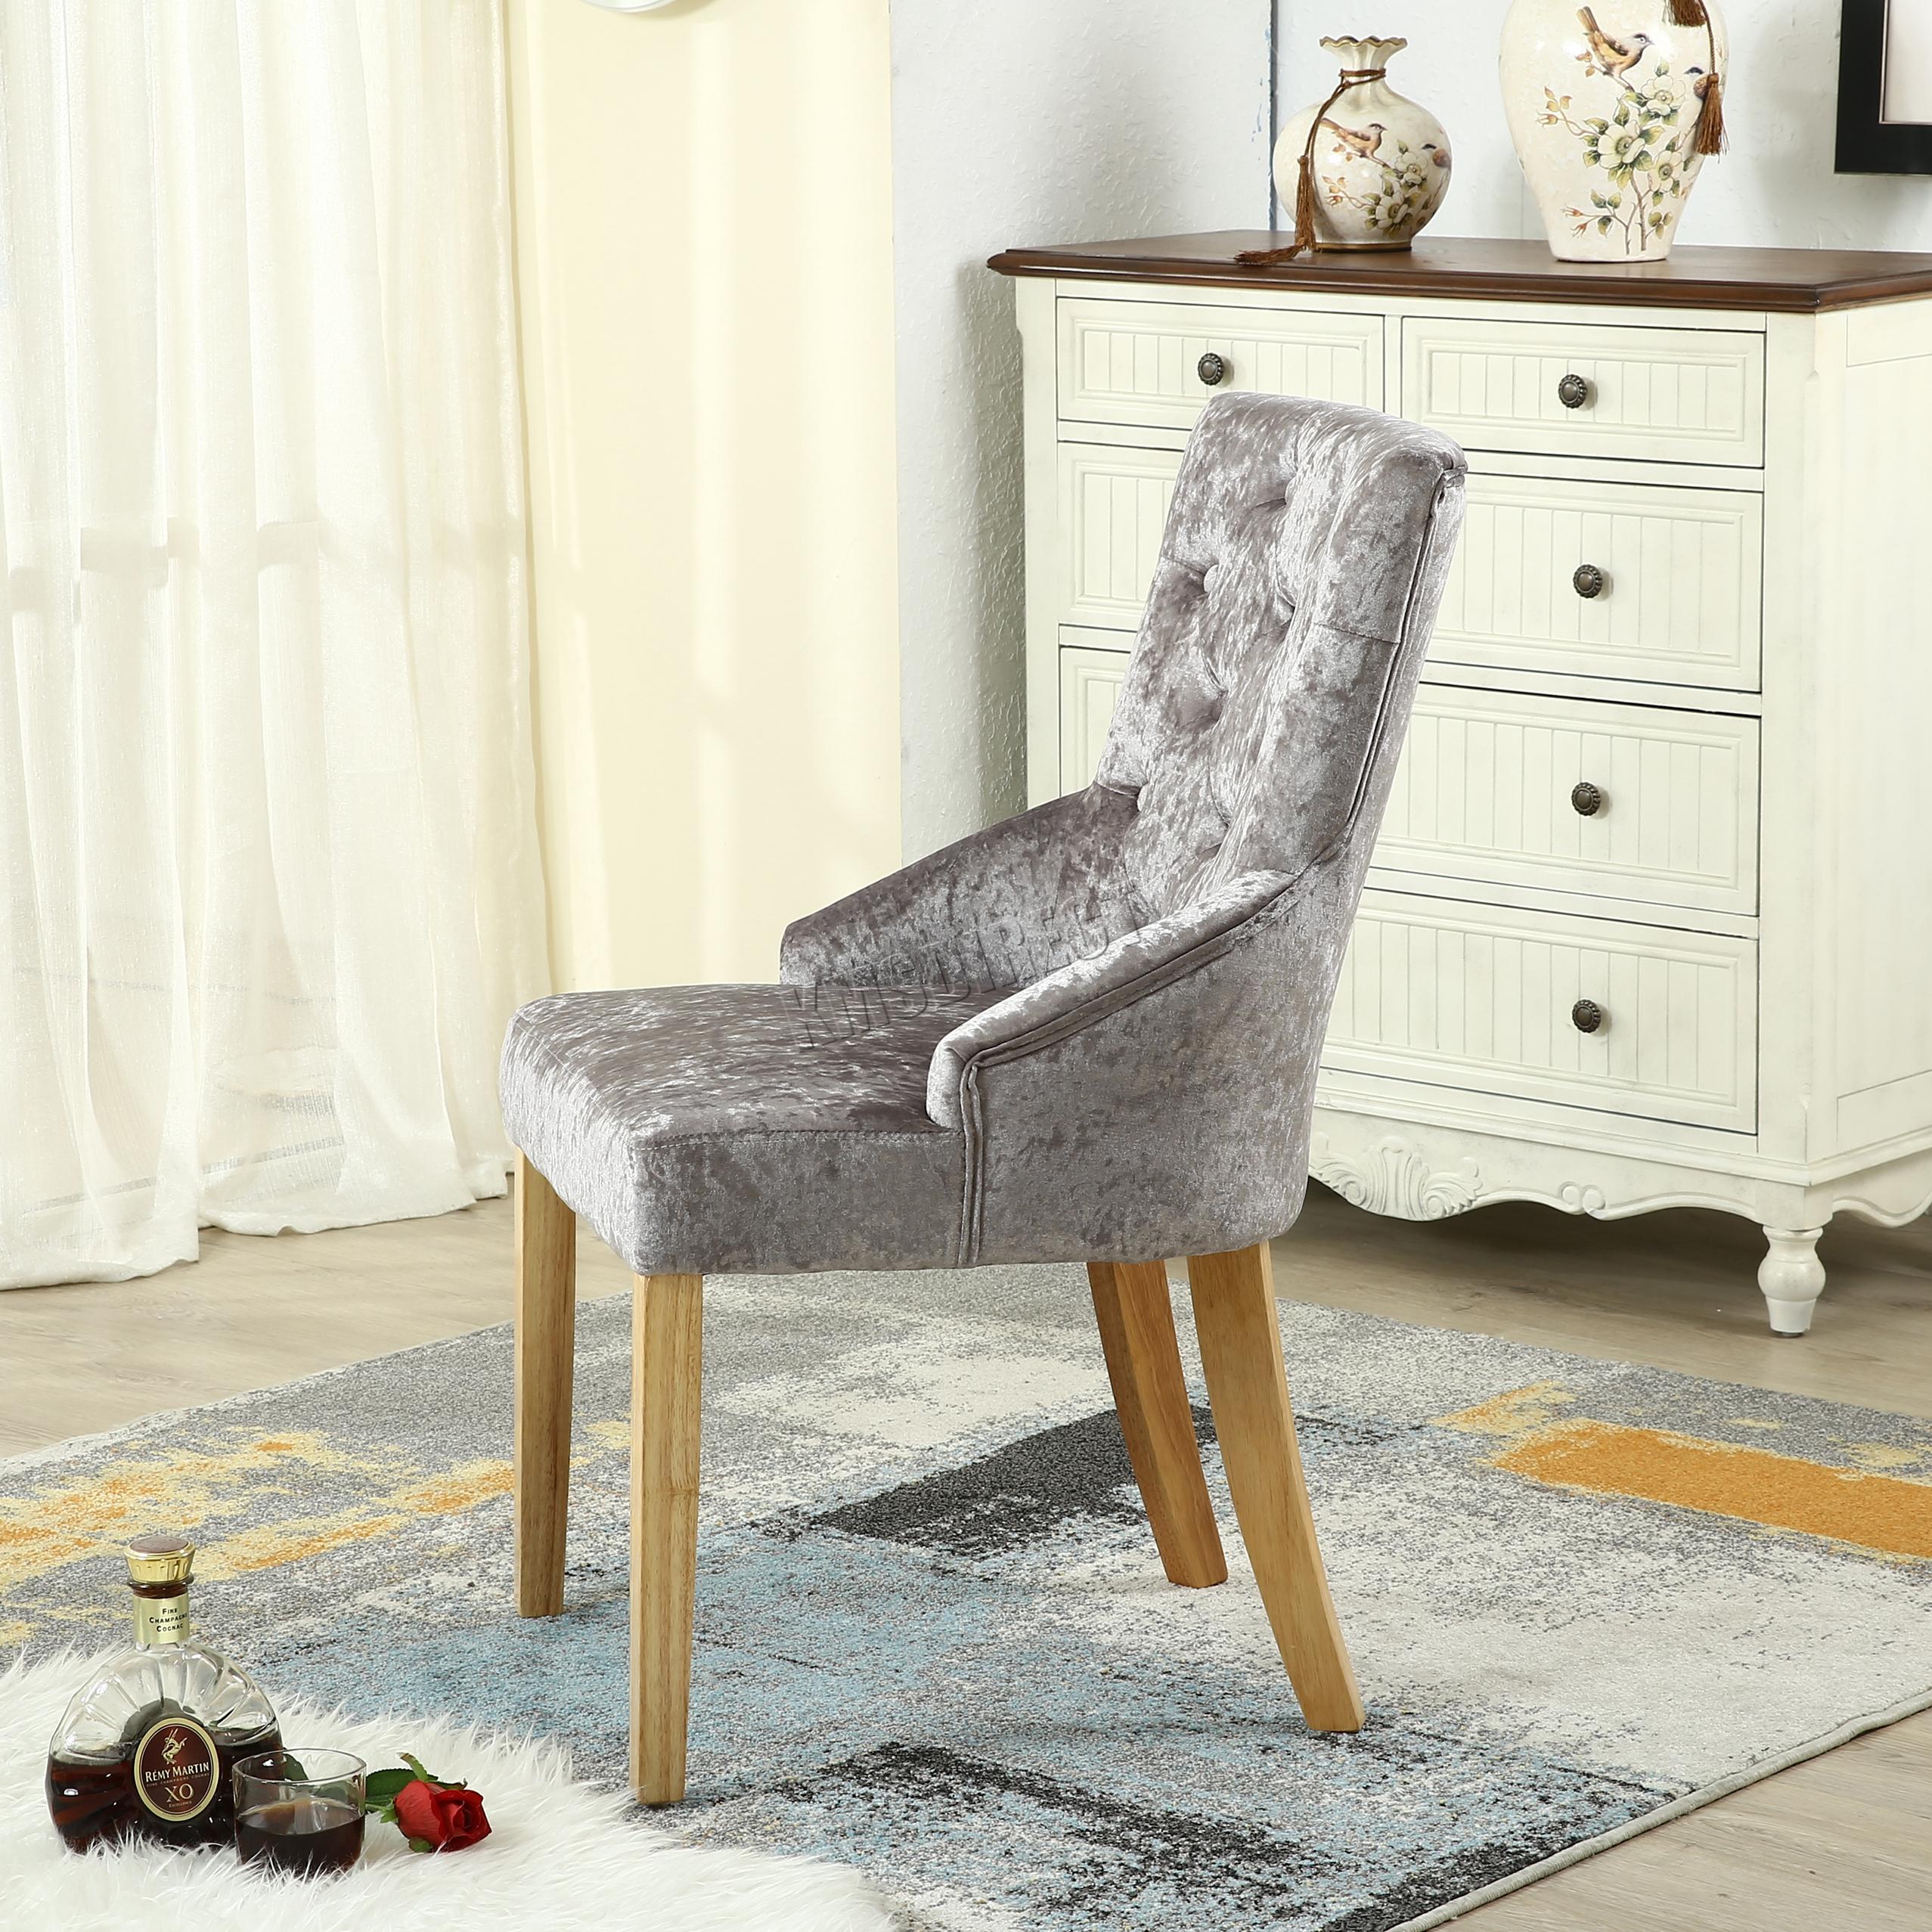 foxhunter modern zerdr cken samtstoff essstst hle schaufel kn pfe auf r ckseite ebay. Black Bedroom Furniture Sets. Home Design Ideas